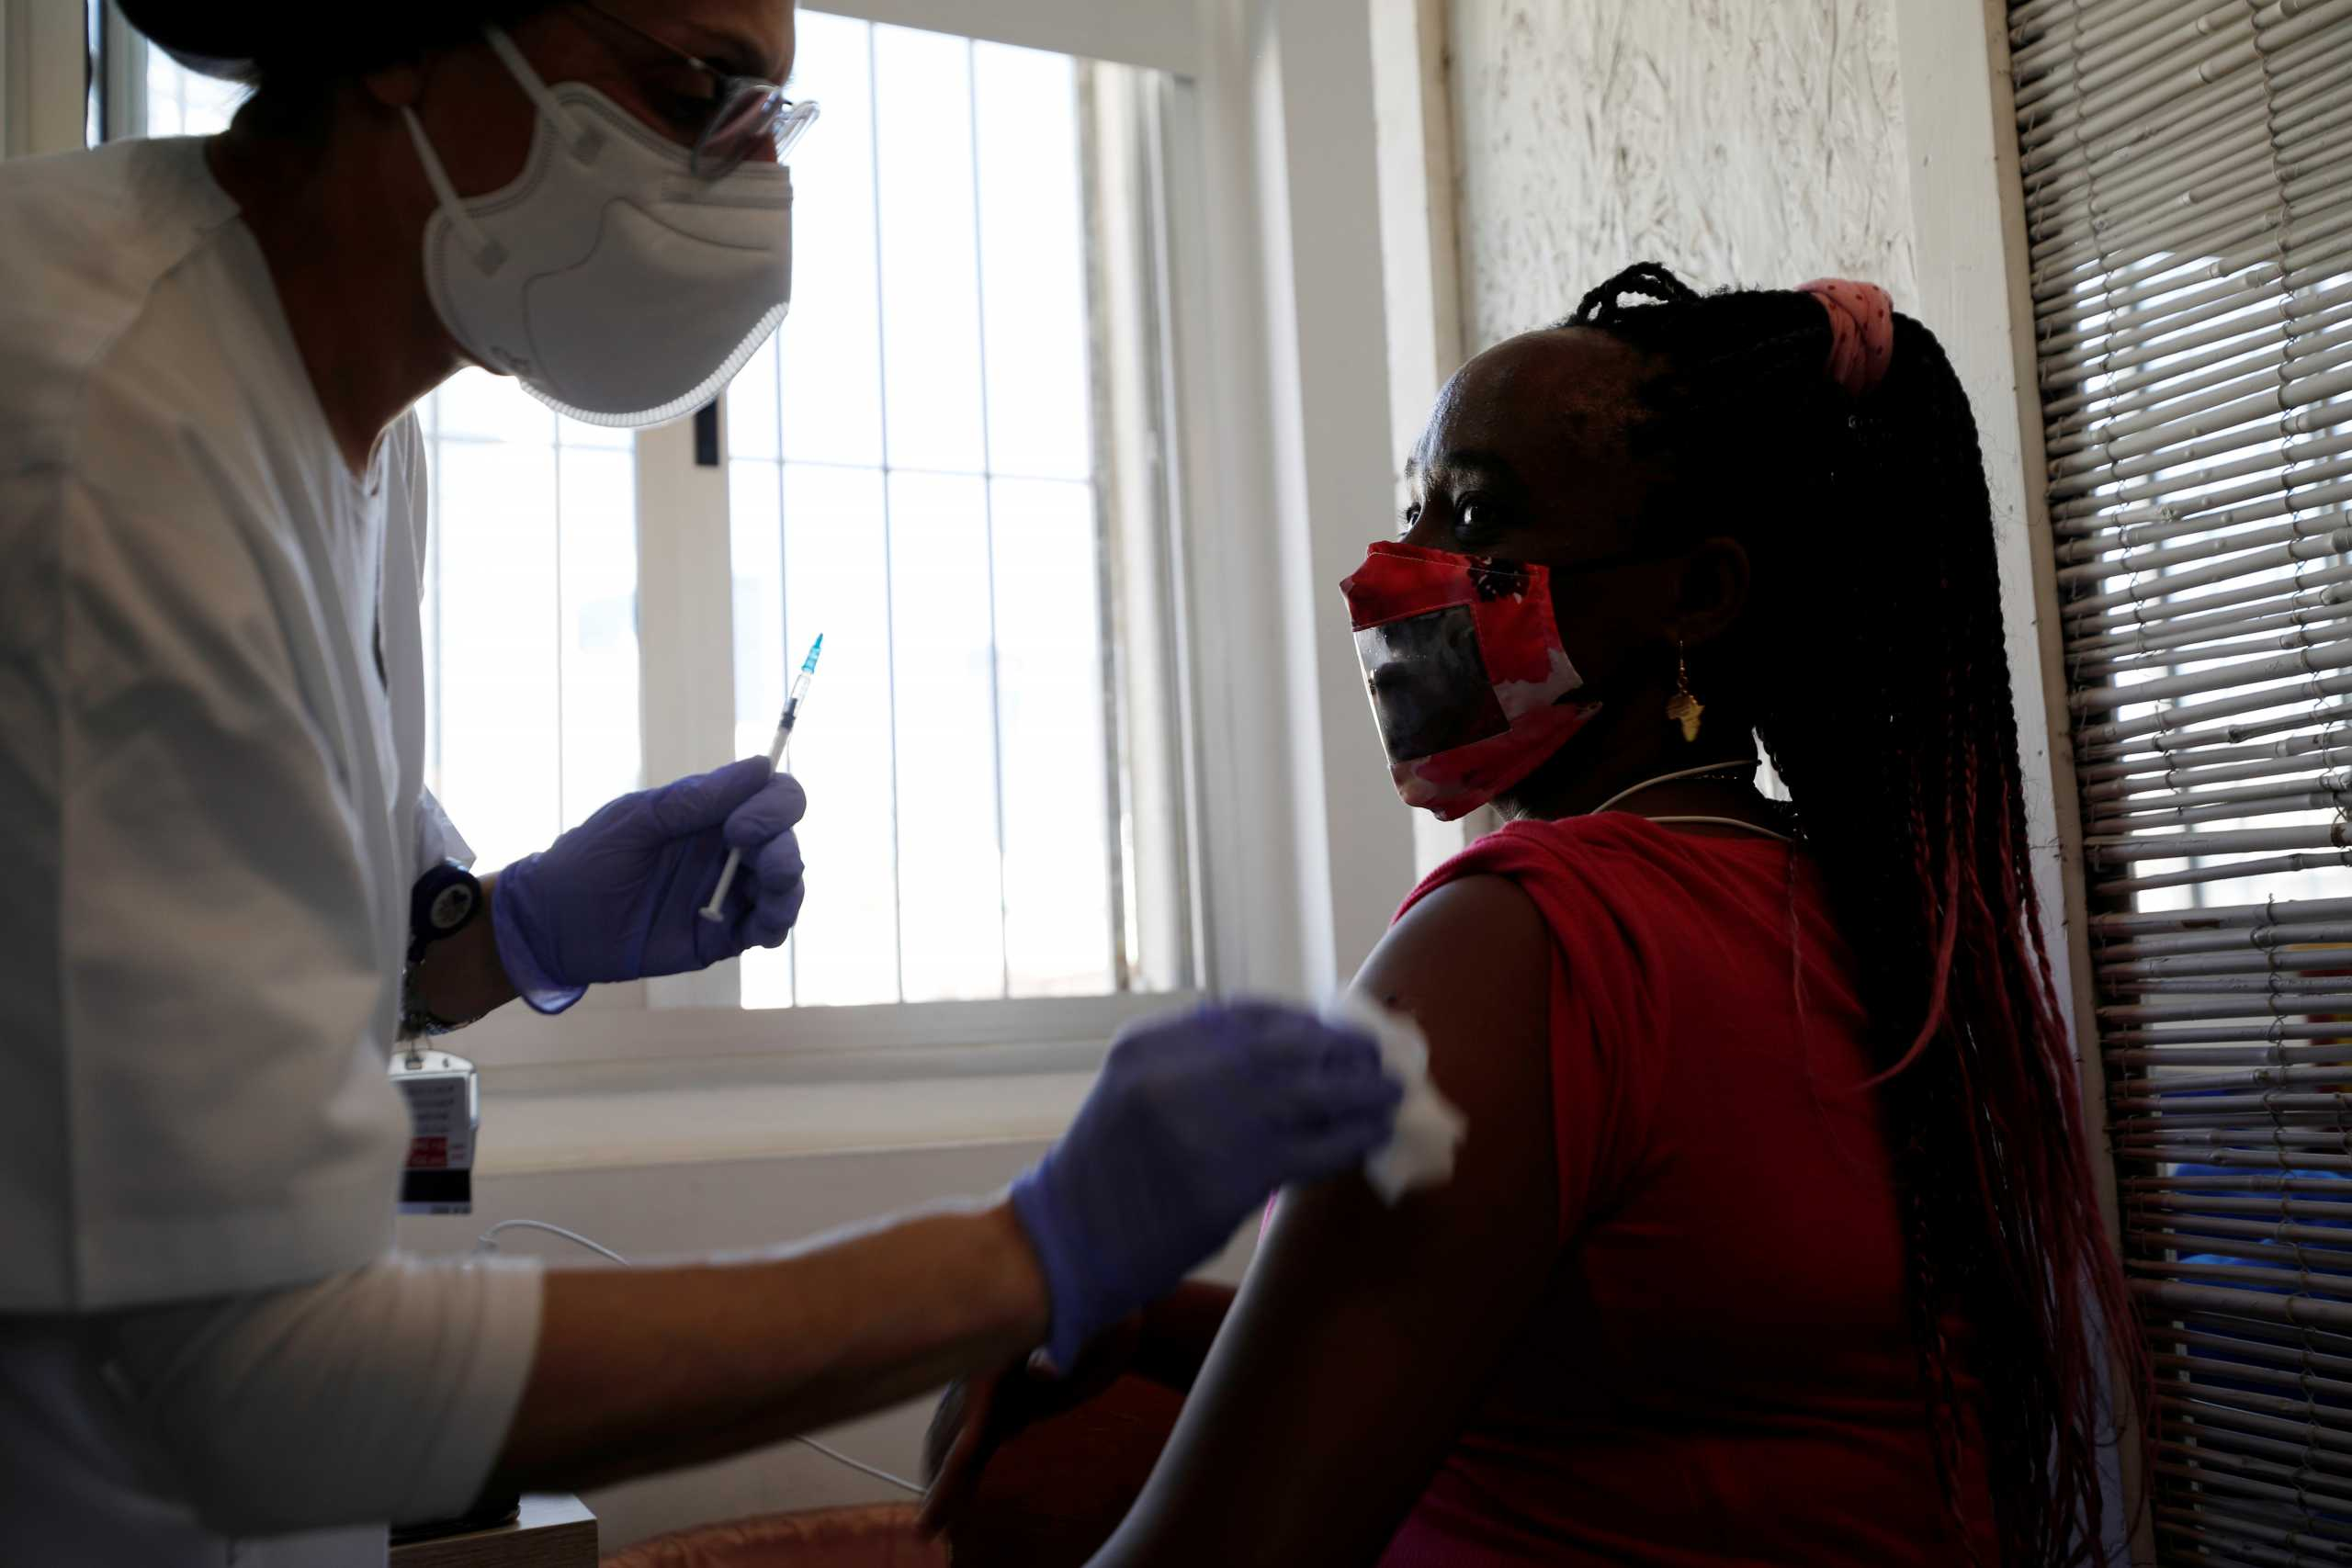 Ισραήλ: Θα παίρνουν τα ονόματα όσων δεν εμβολιάζονται – Προωθείται νομοσχέδιο